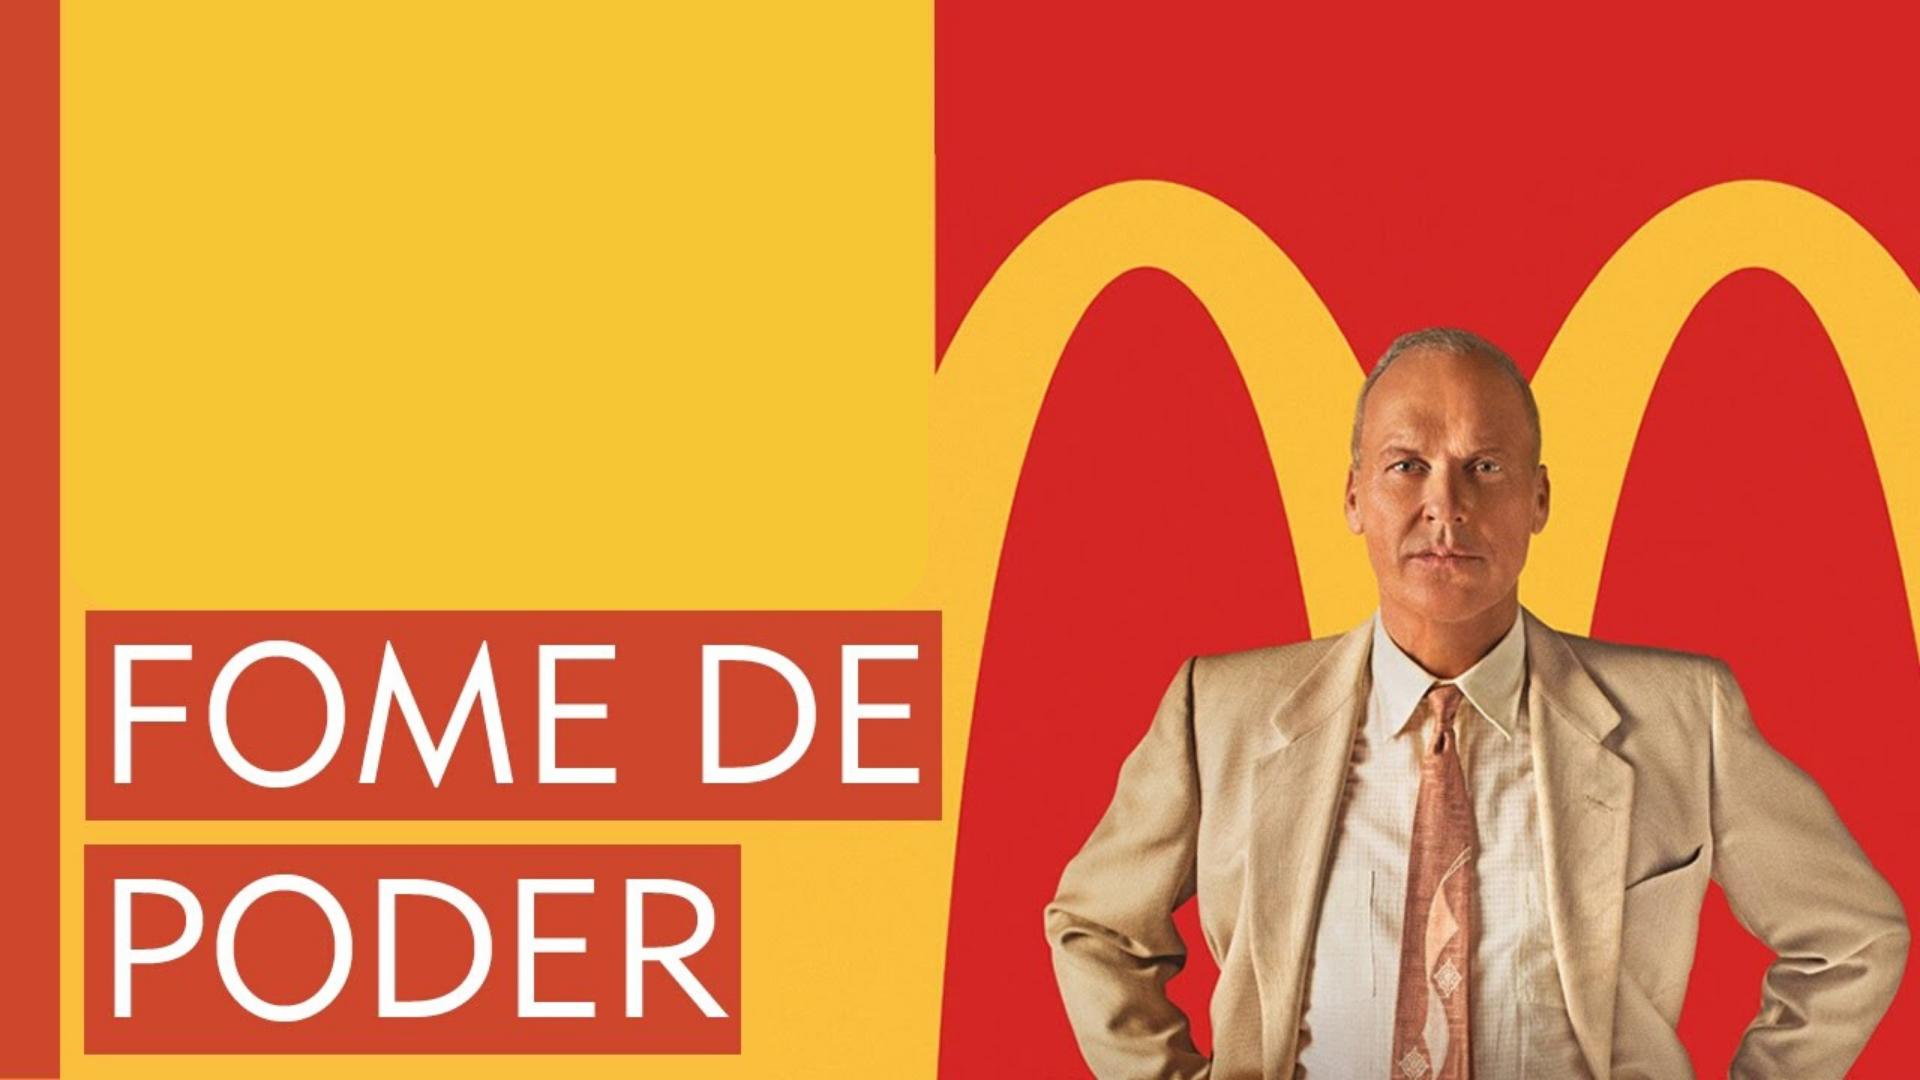 4 Grandes Lições Que Aprendi Com o Fundador Do McDonald's